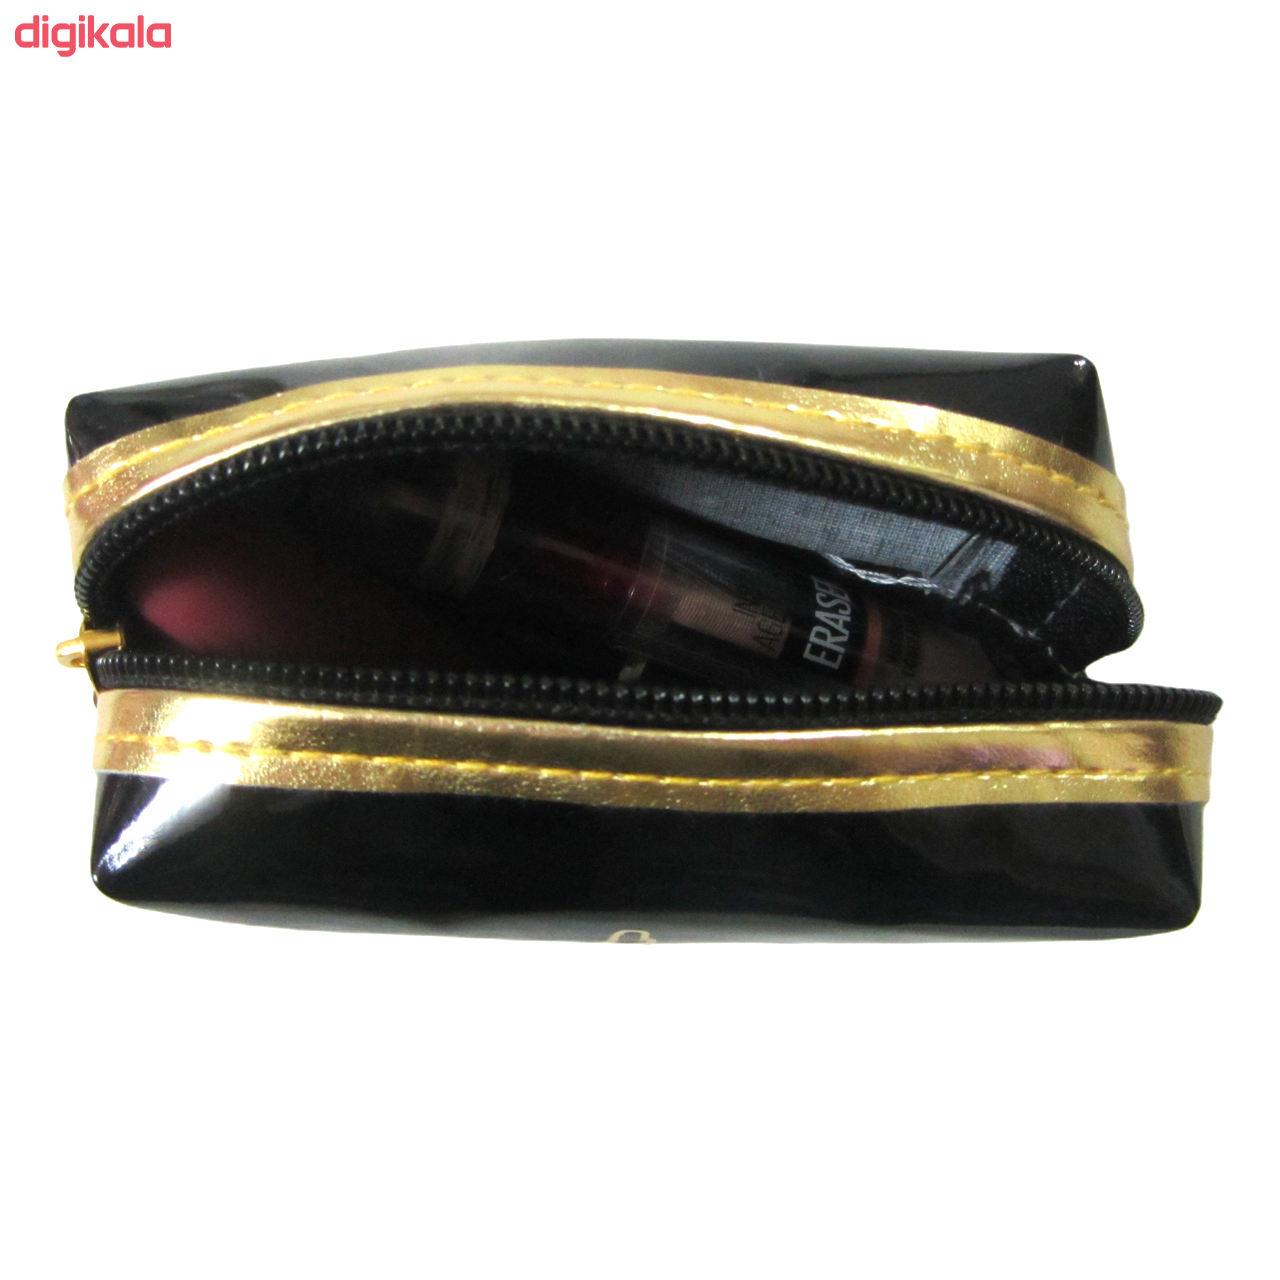 کیف لوازم آرایش زنانه مدل یونیکورن کد W33 main 1 2